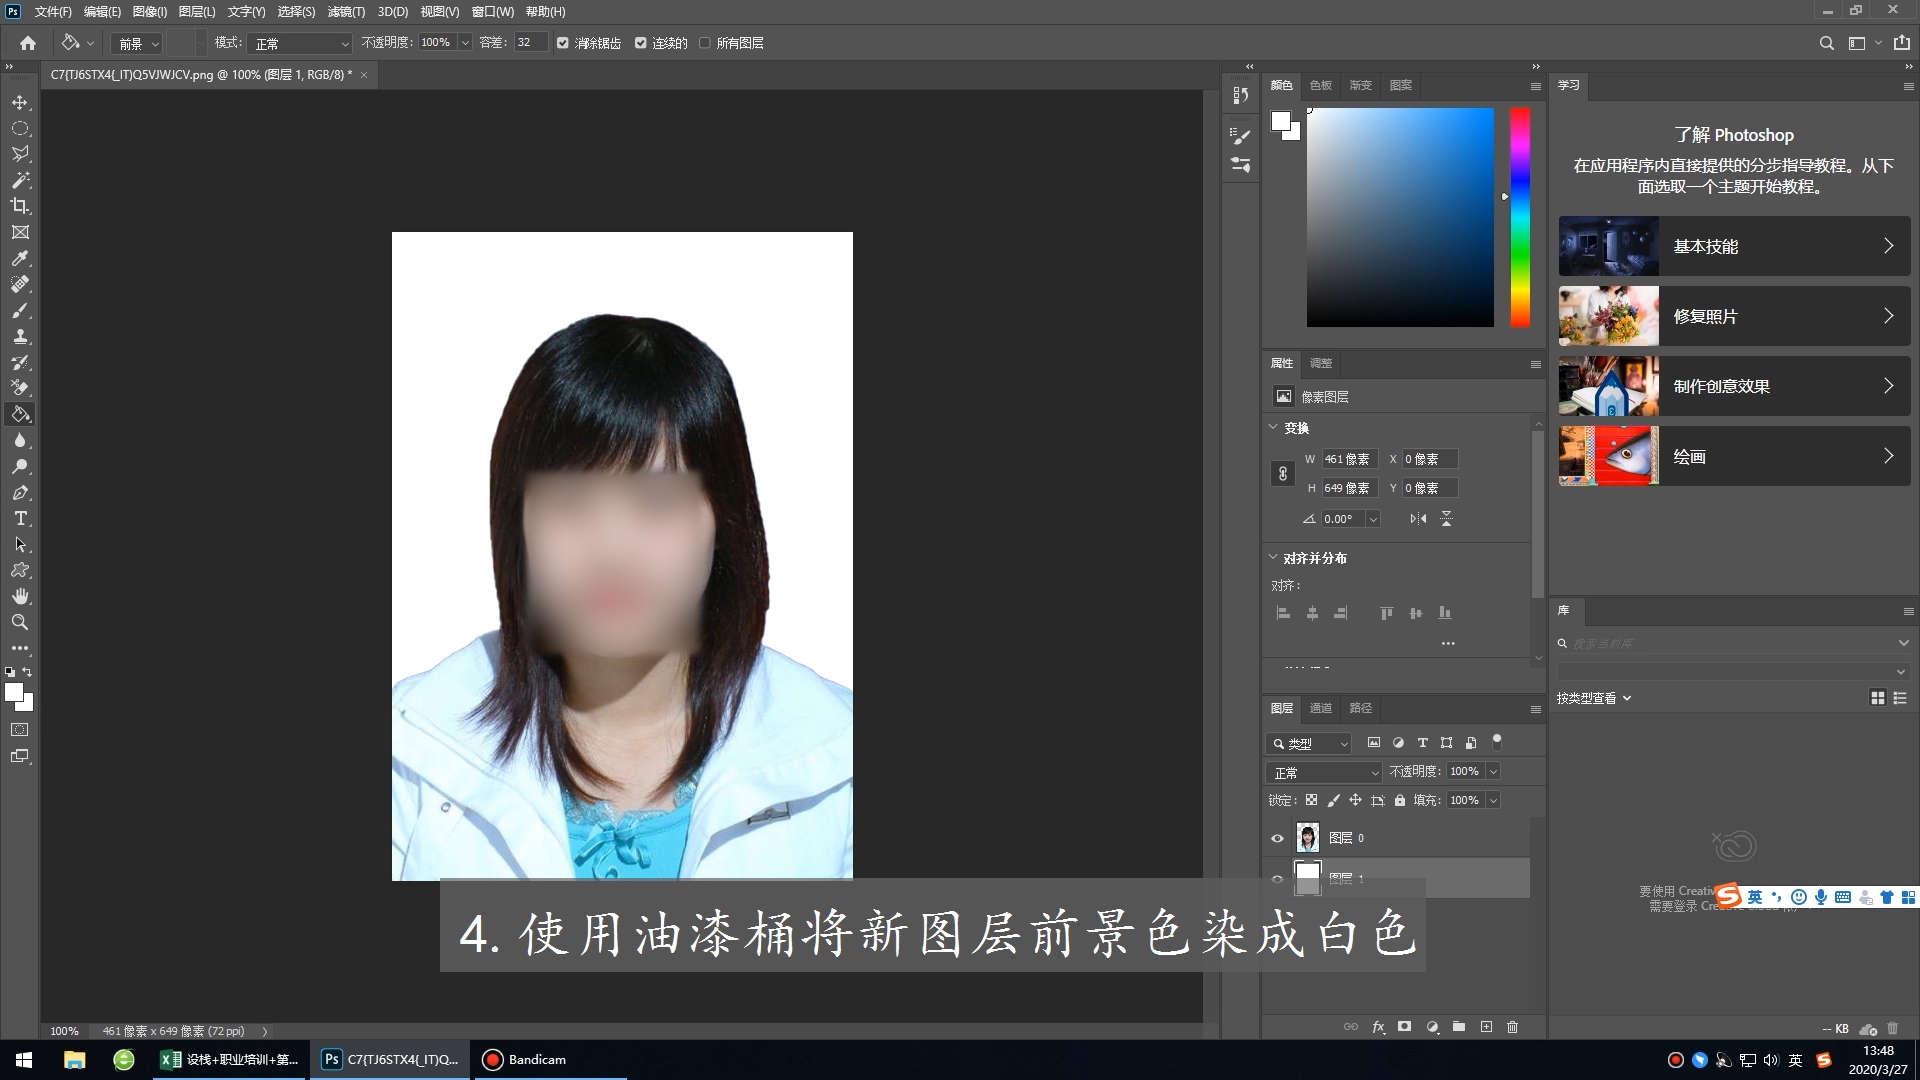 怎样用ps把图片背景变成白色第4步